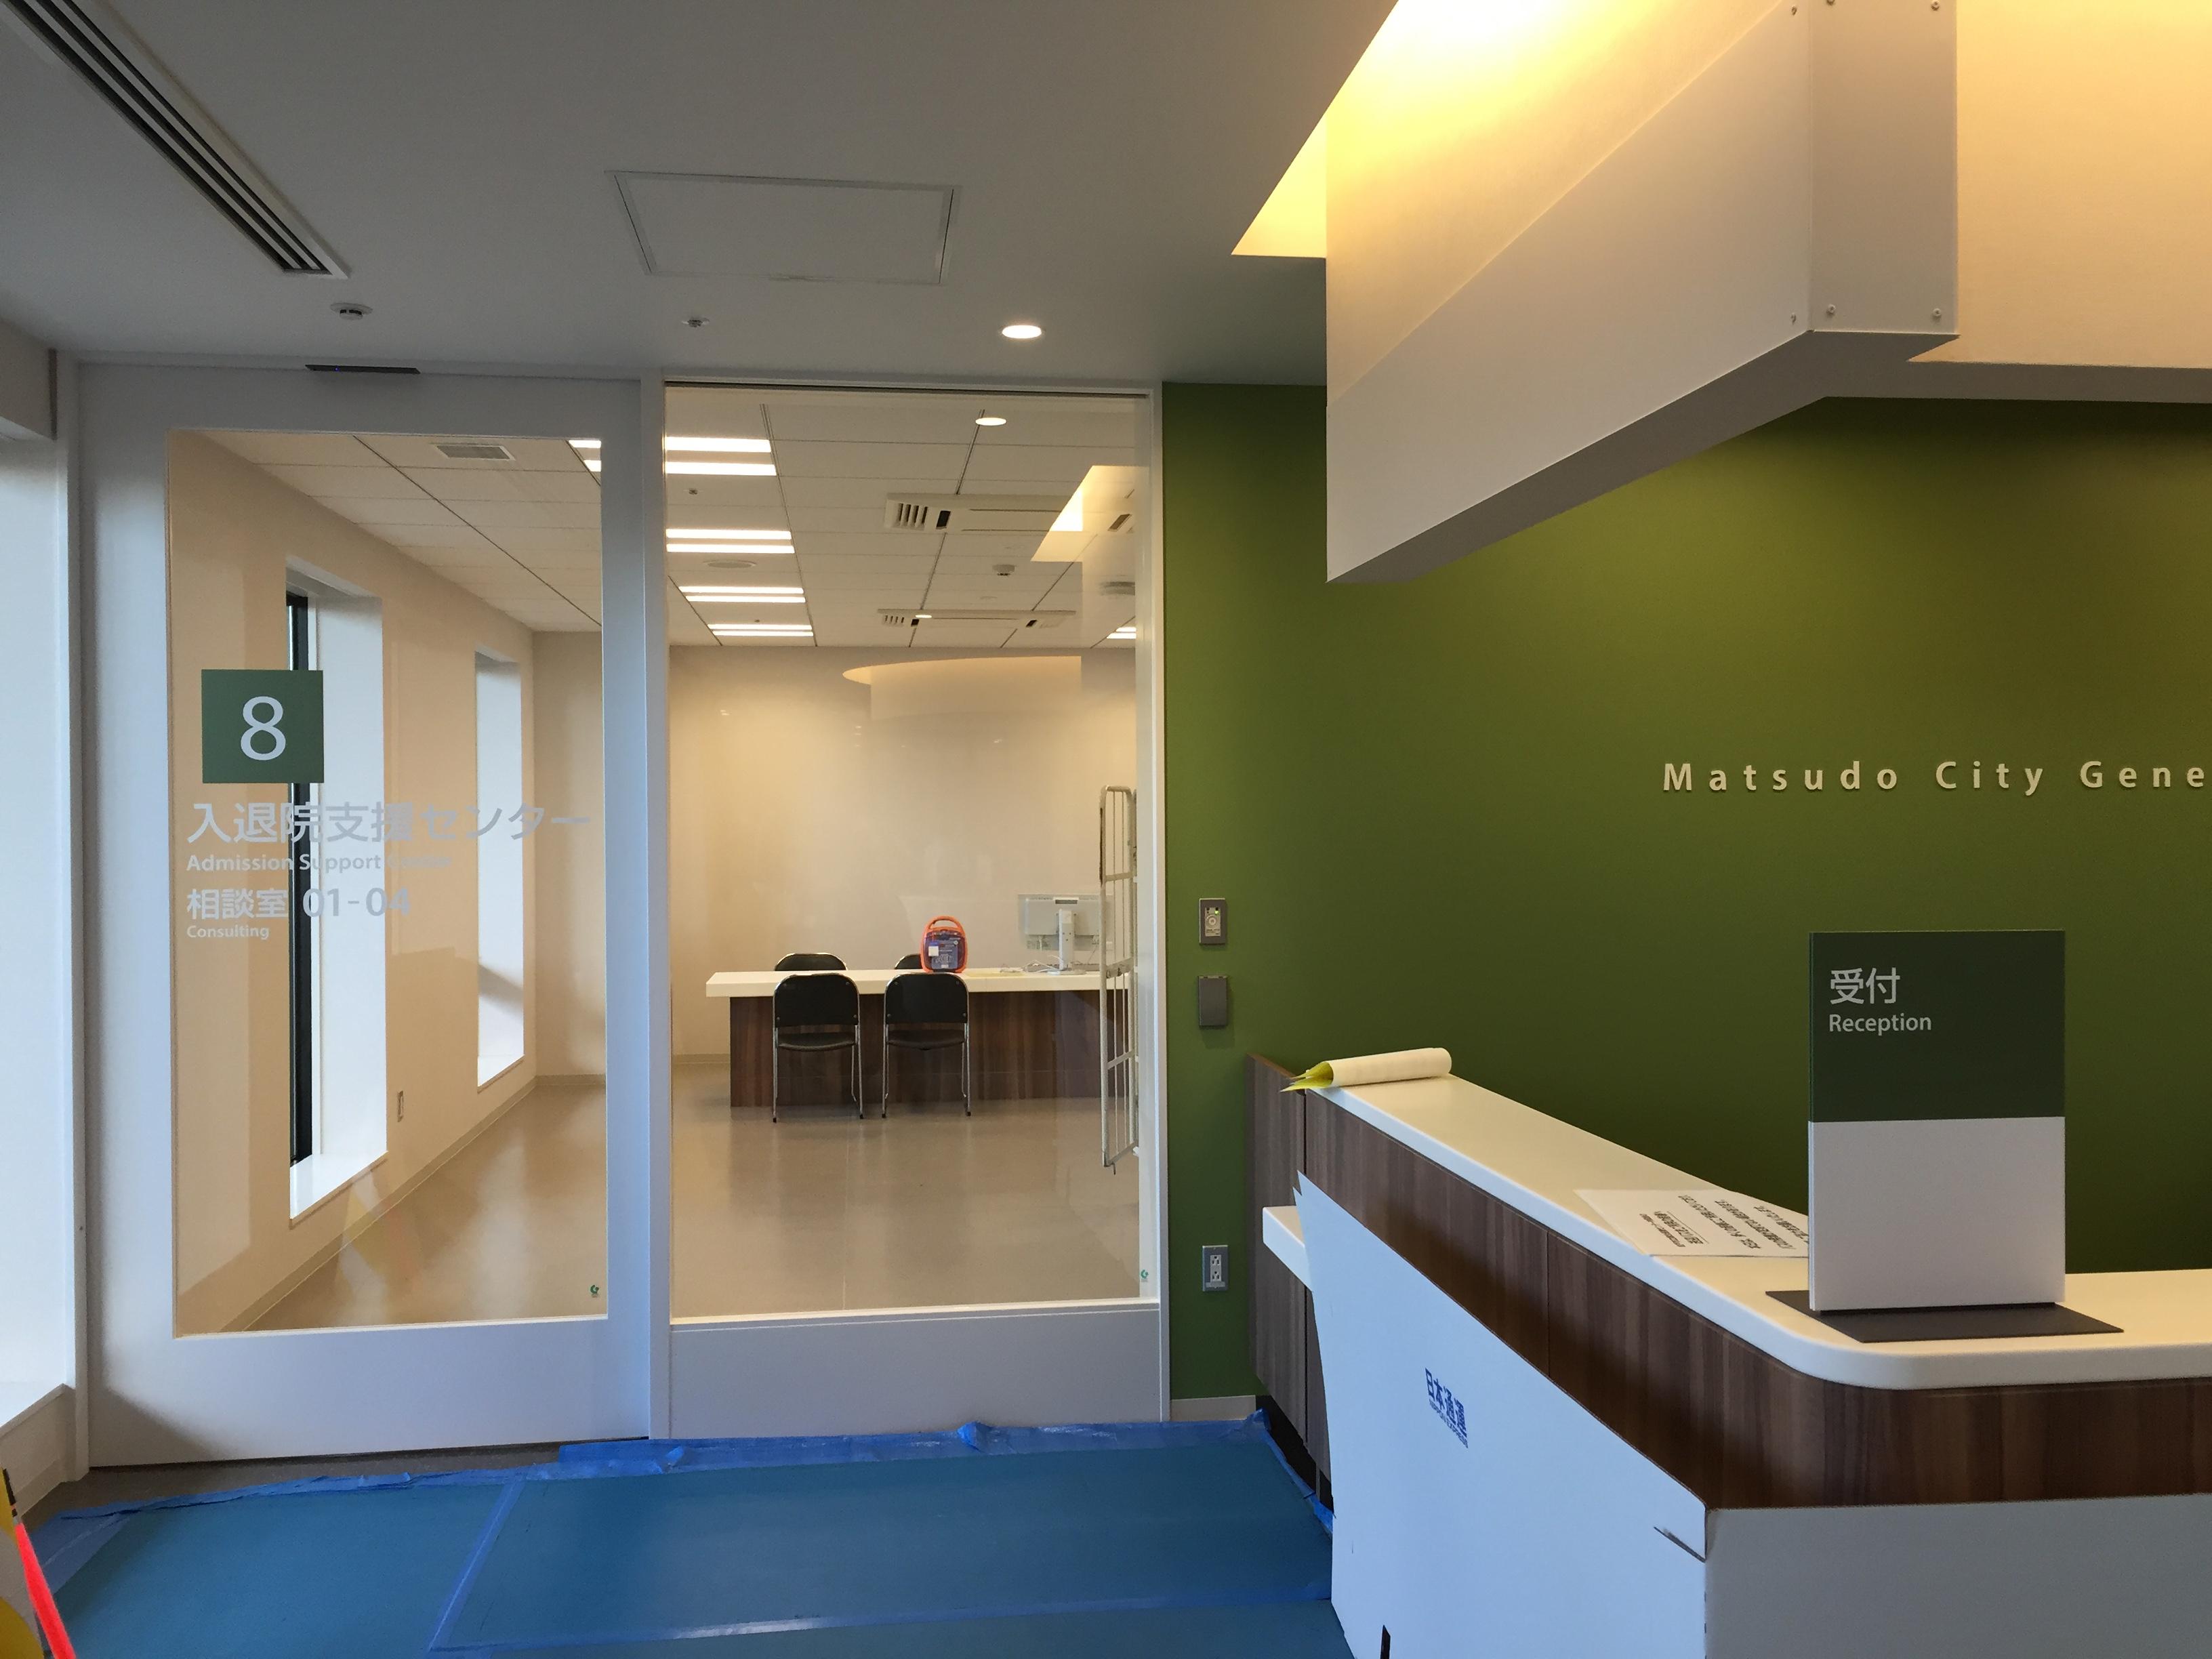 松戸市立総合医療センター 受付と入退院支援センター